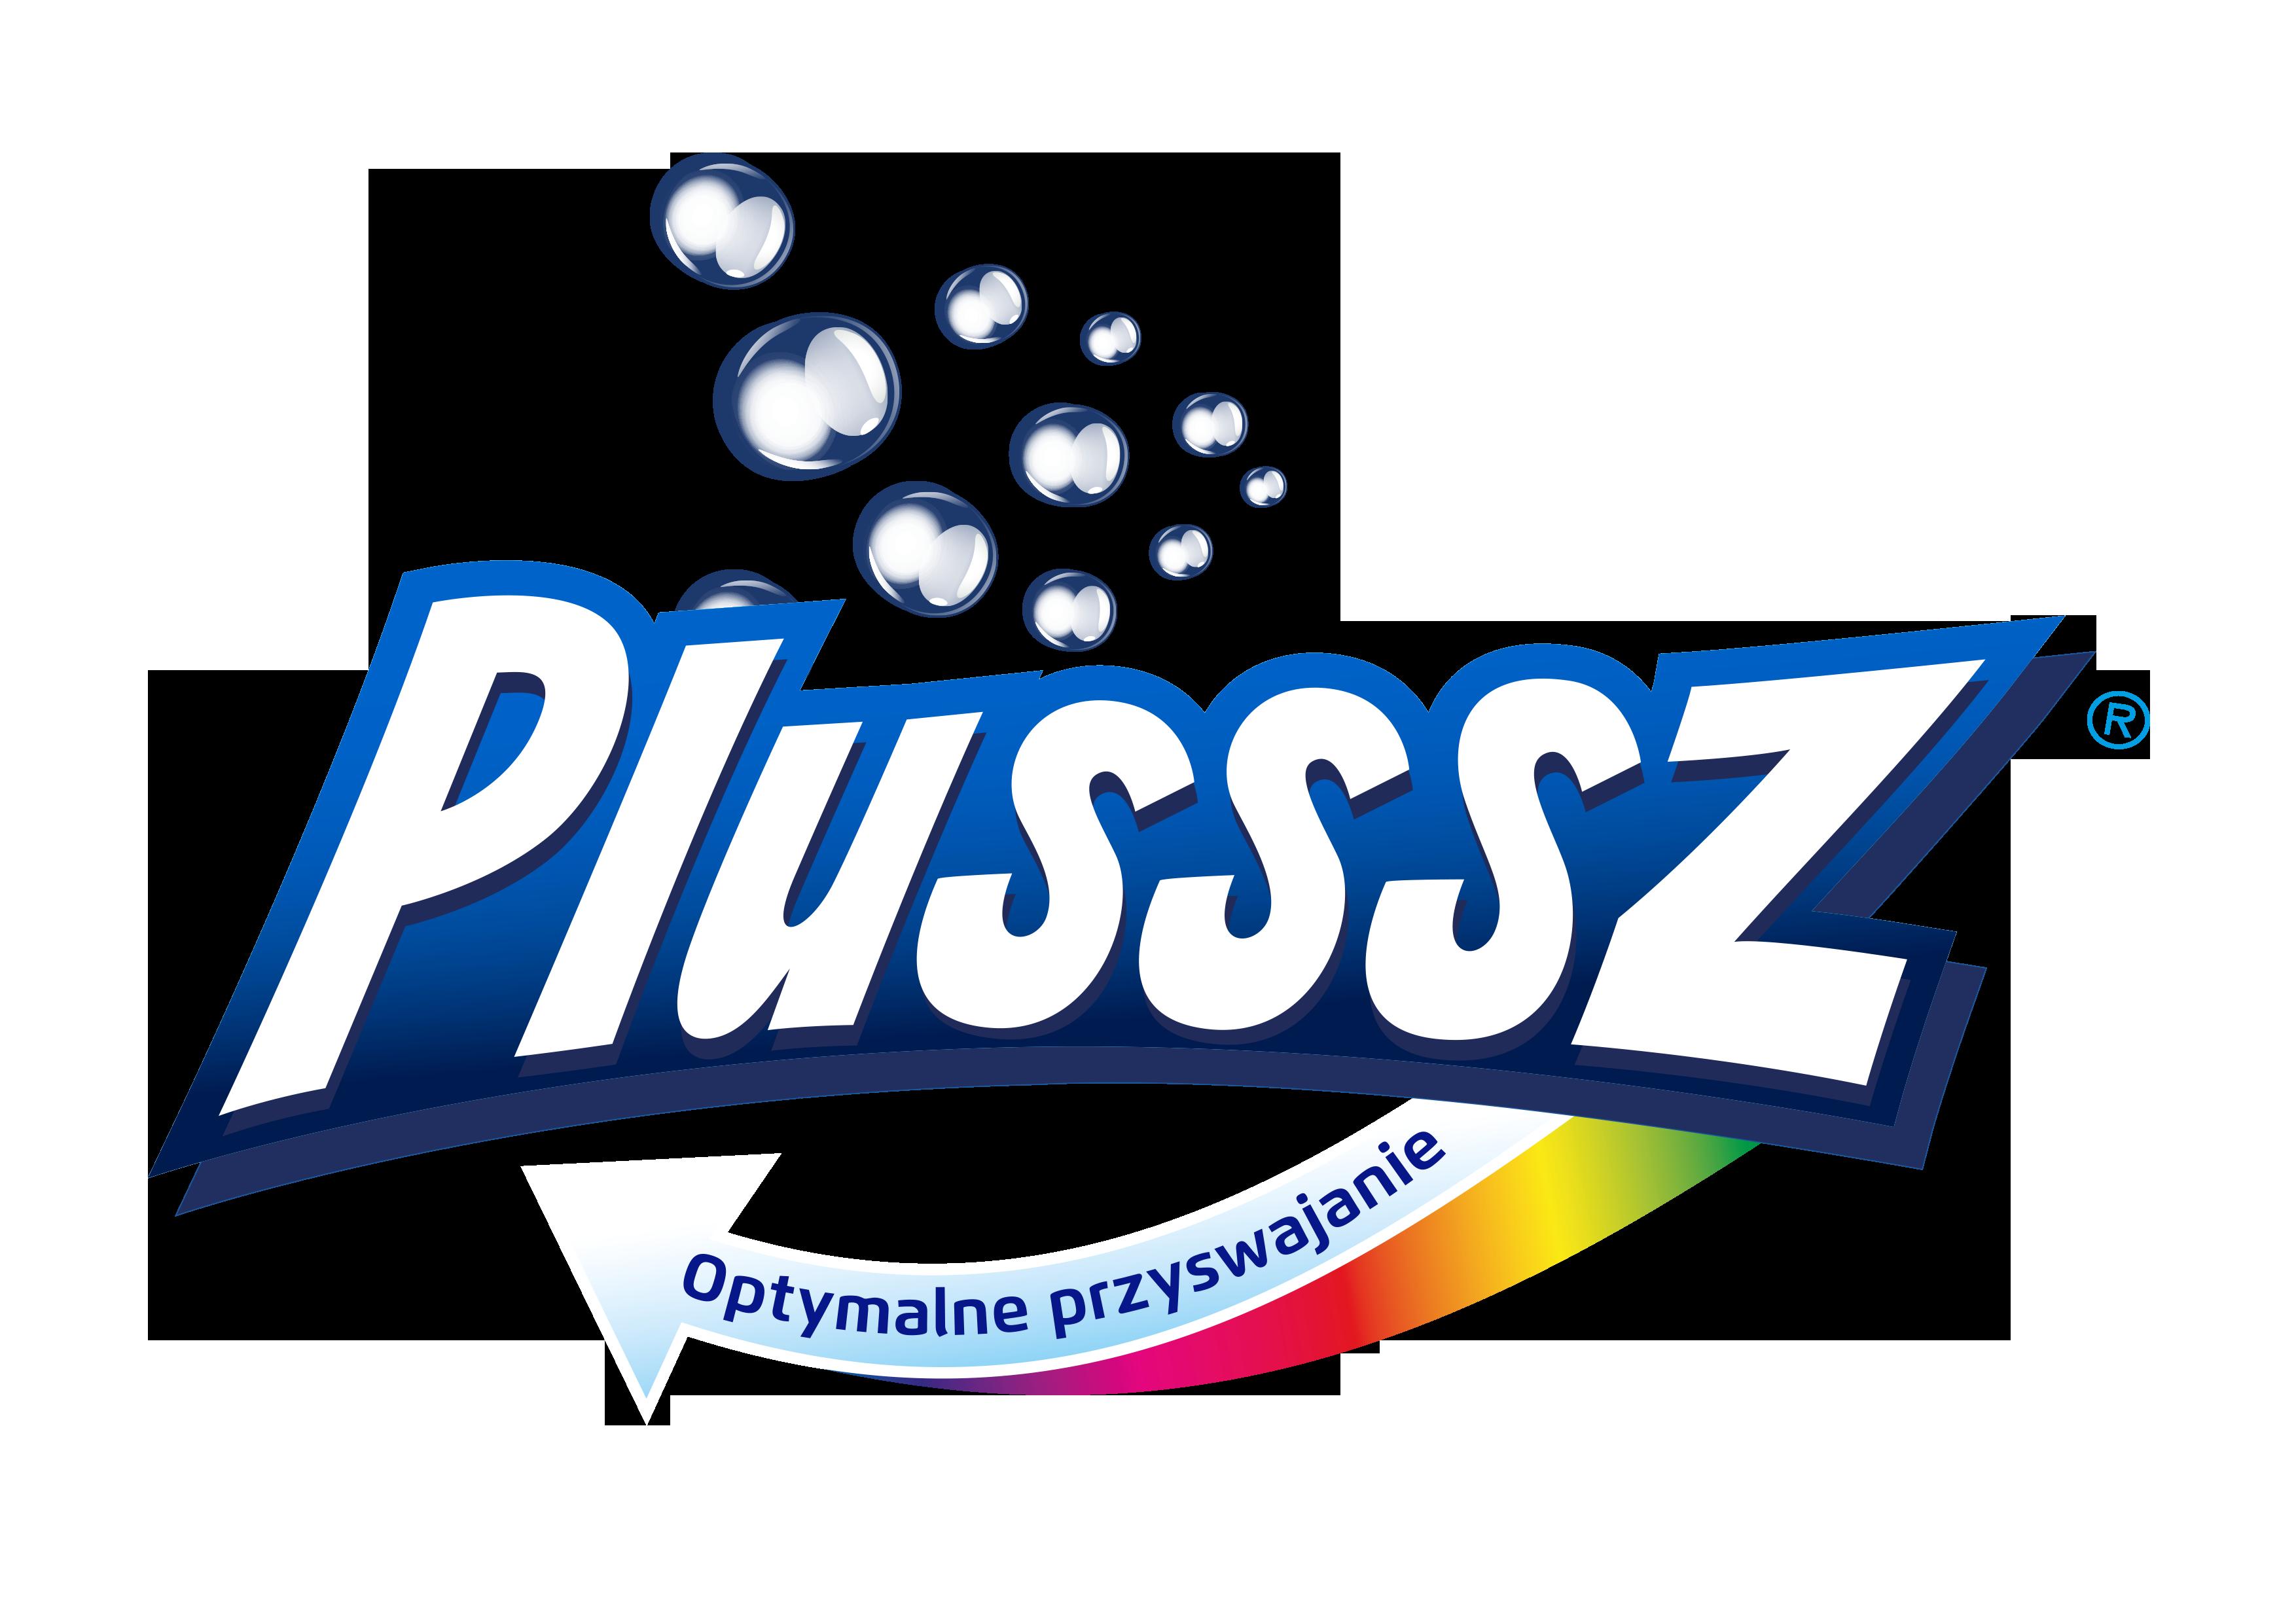 plusssz 2013 logo